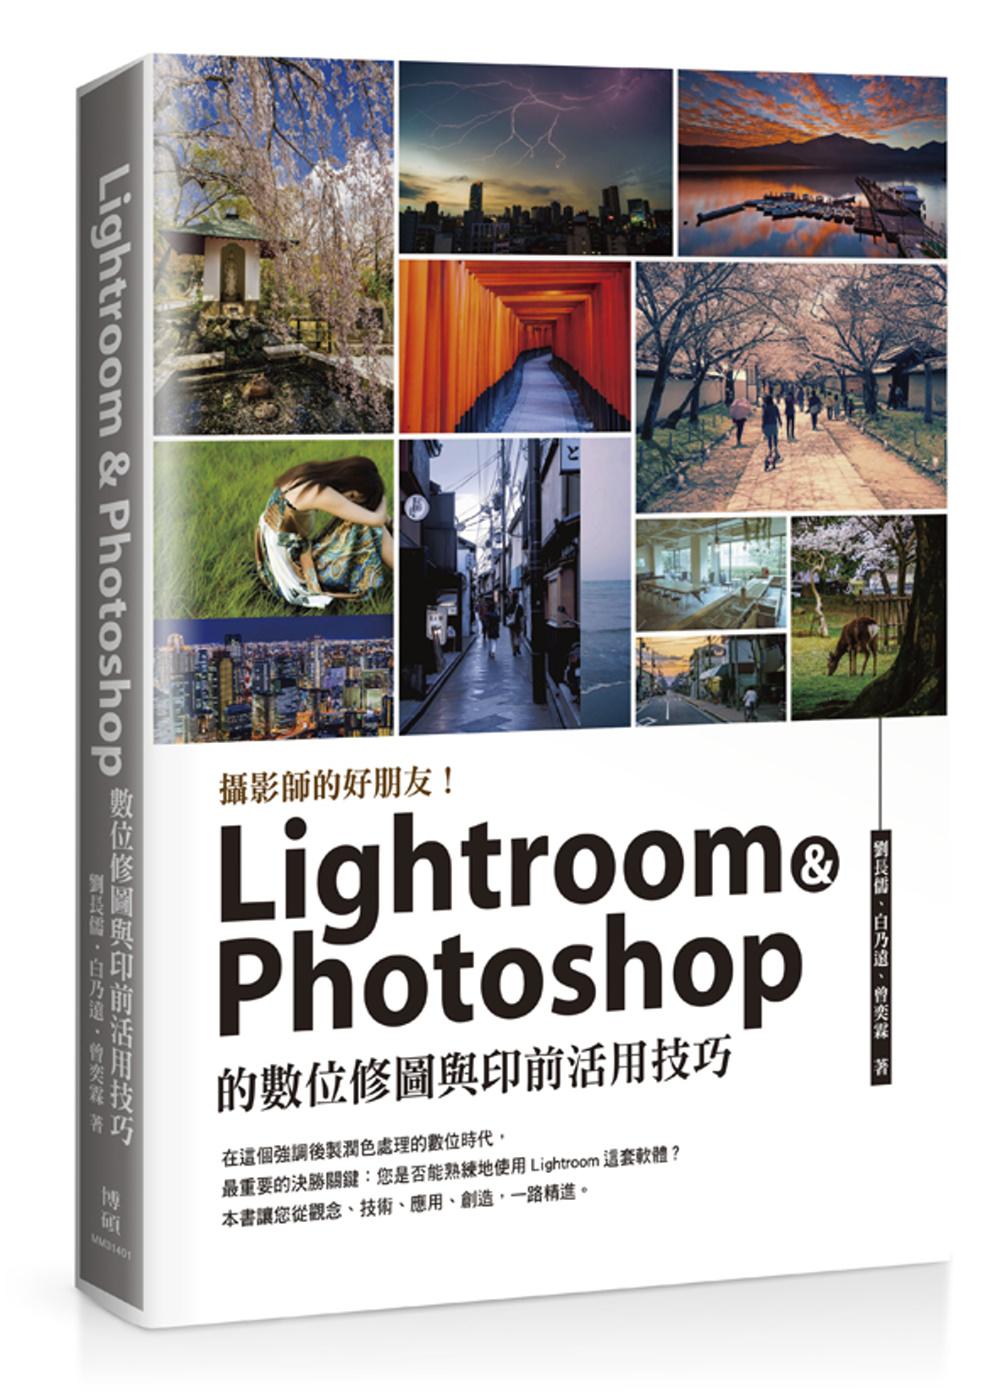 攝影師的好朋友!Lightroom & Photoshop の數位修圖與印前活用技巧